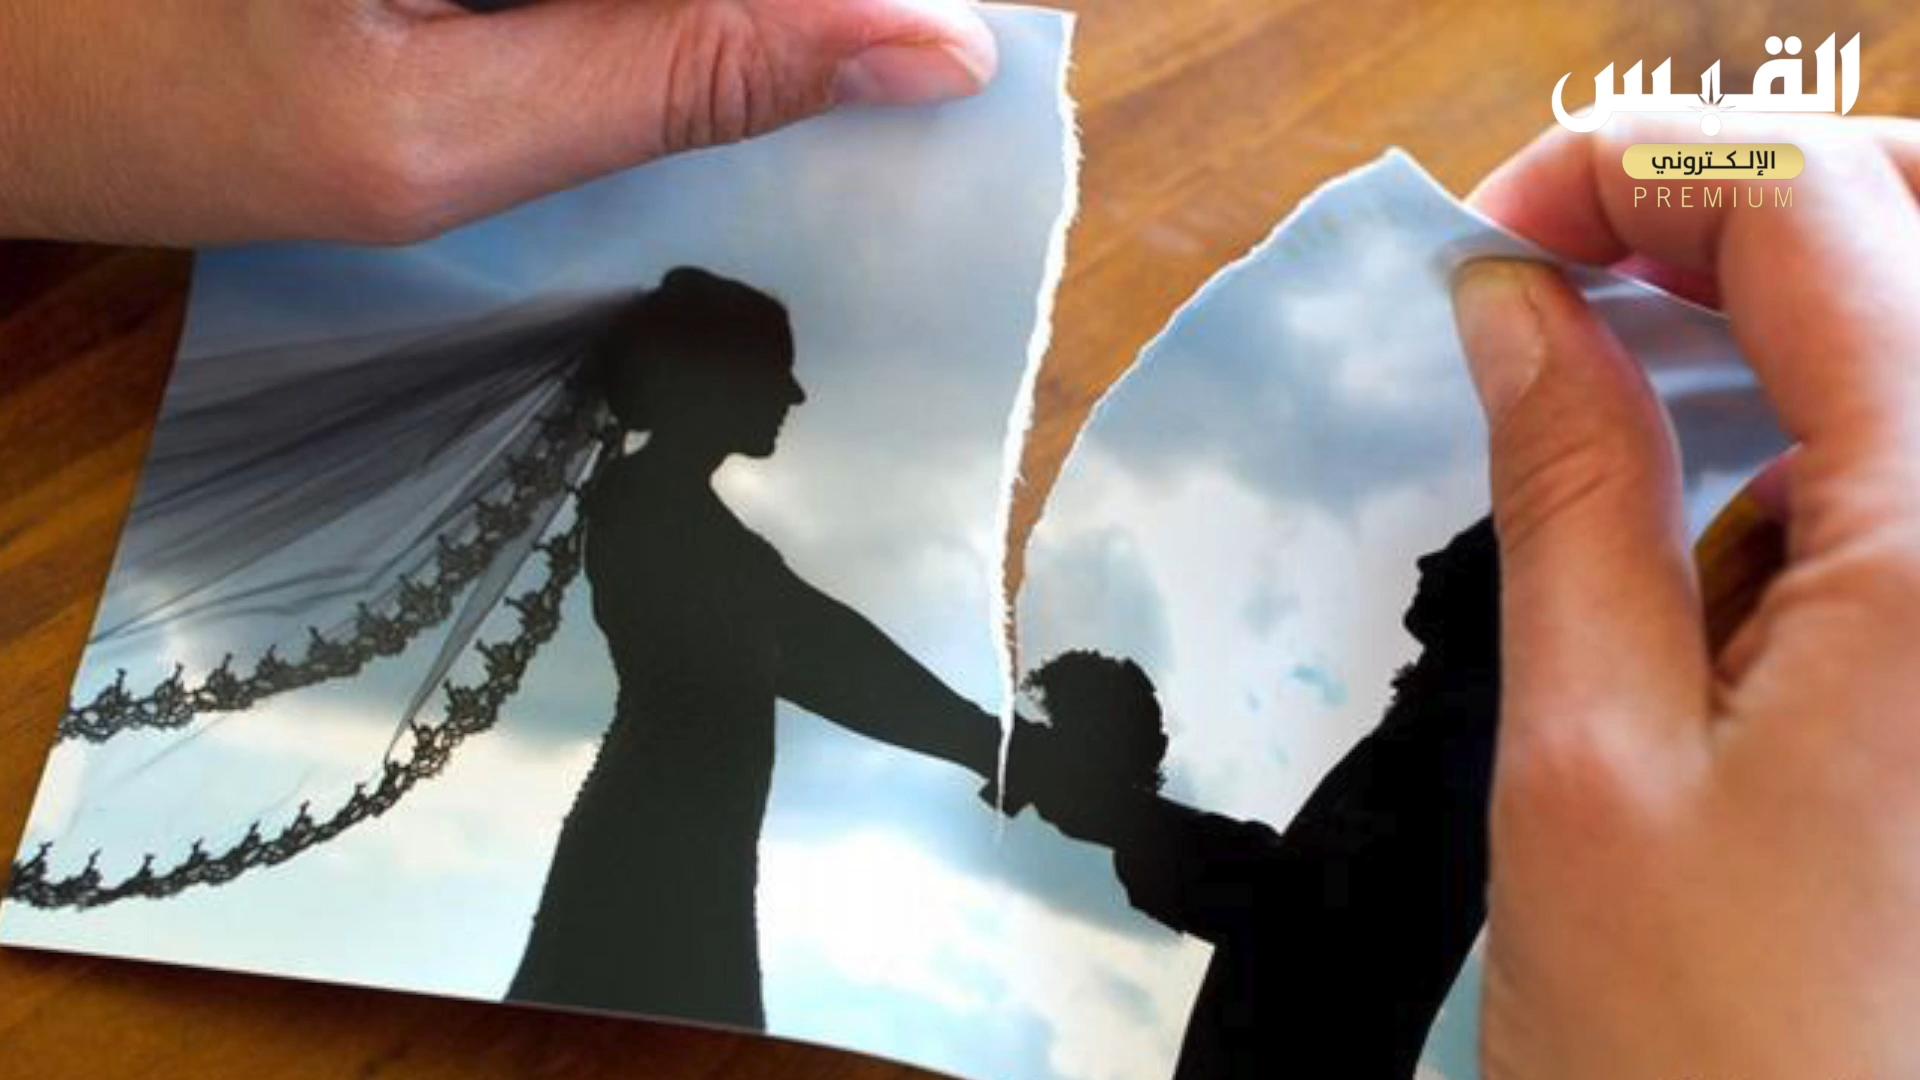 أبناء المطلّقات.. الخلافات الزوجية والقوانين الشائكة تزيد من معاناتهم